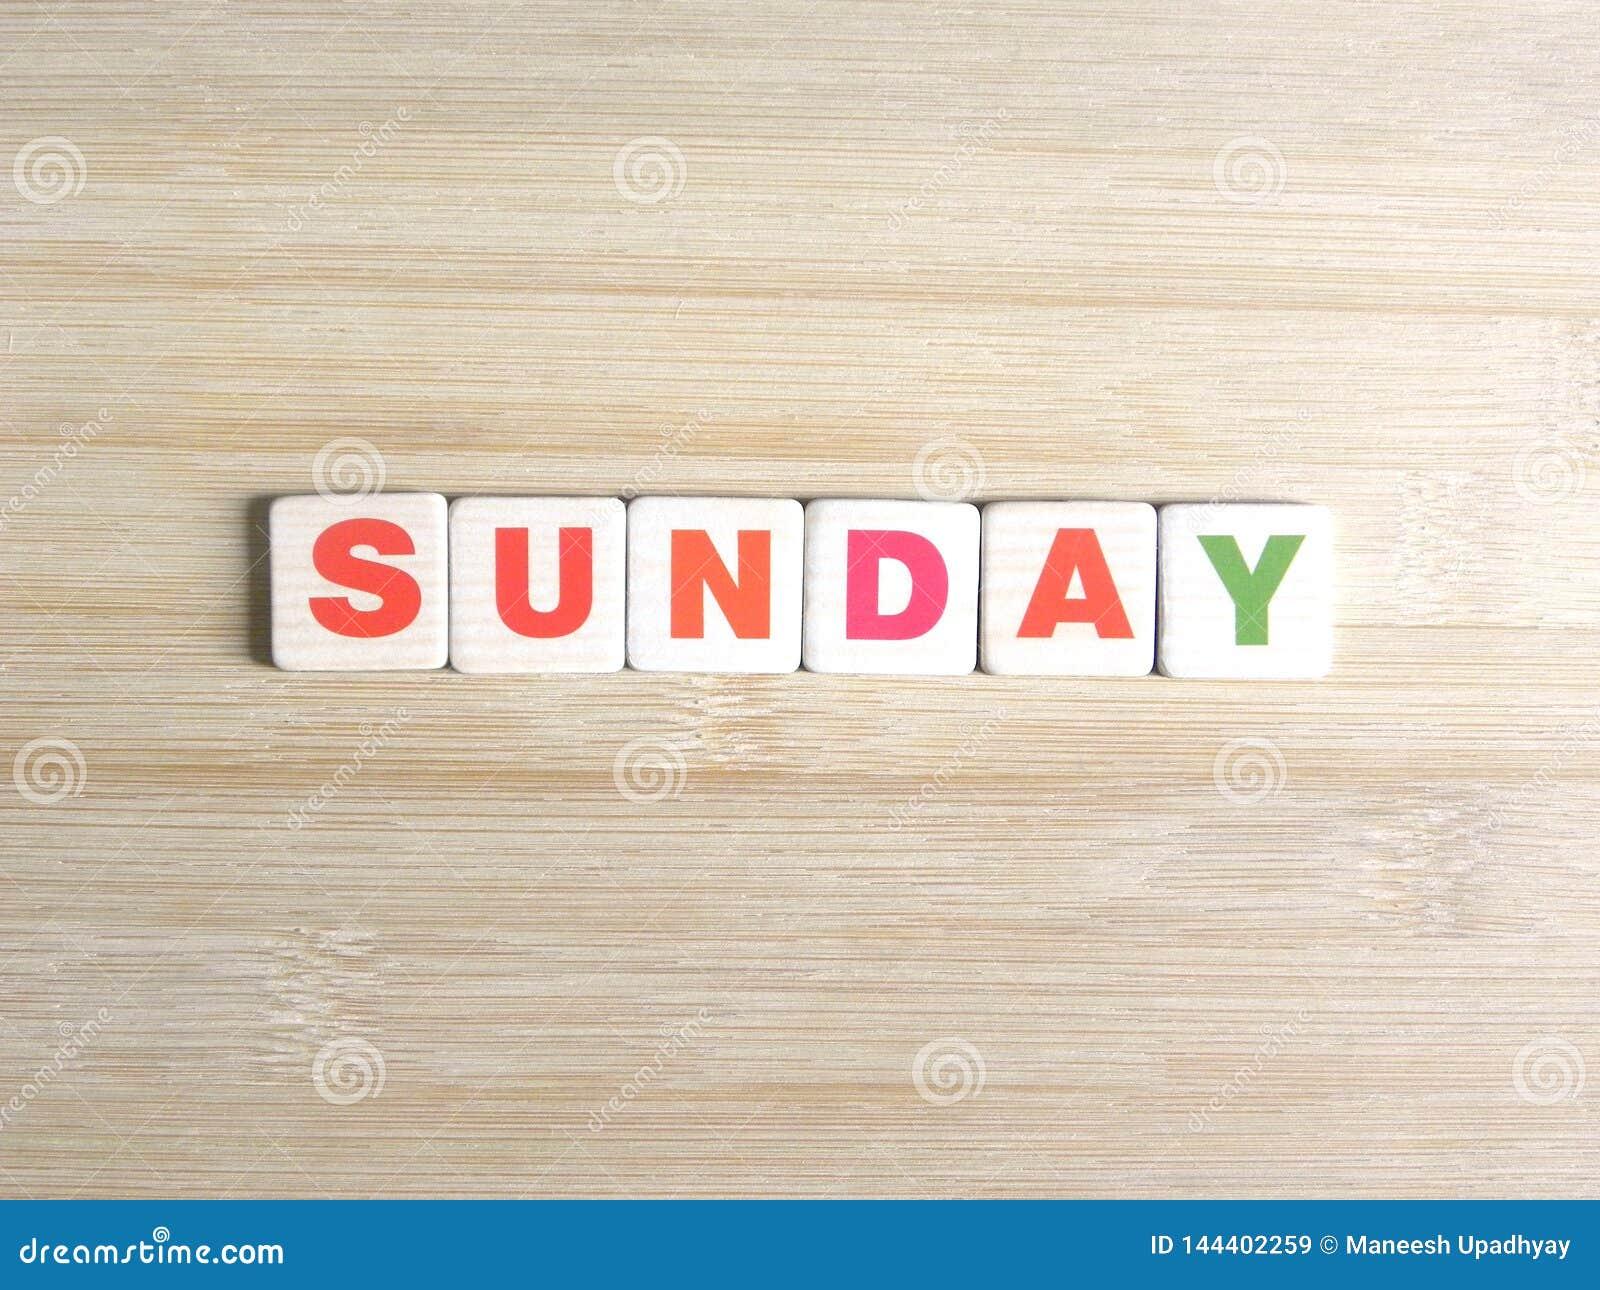 Wort Sonntag auf hölzernem Hintergrund